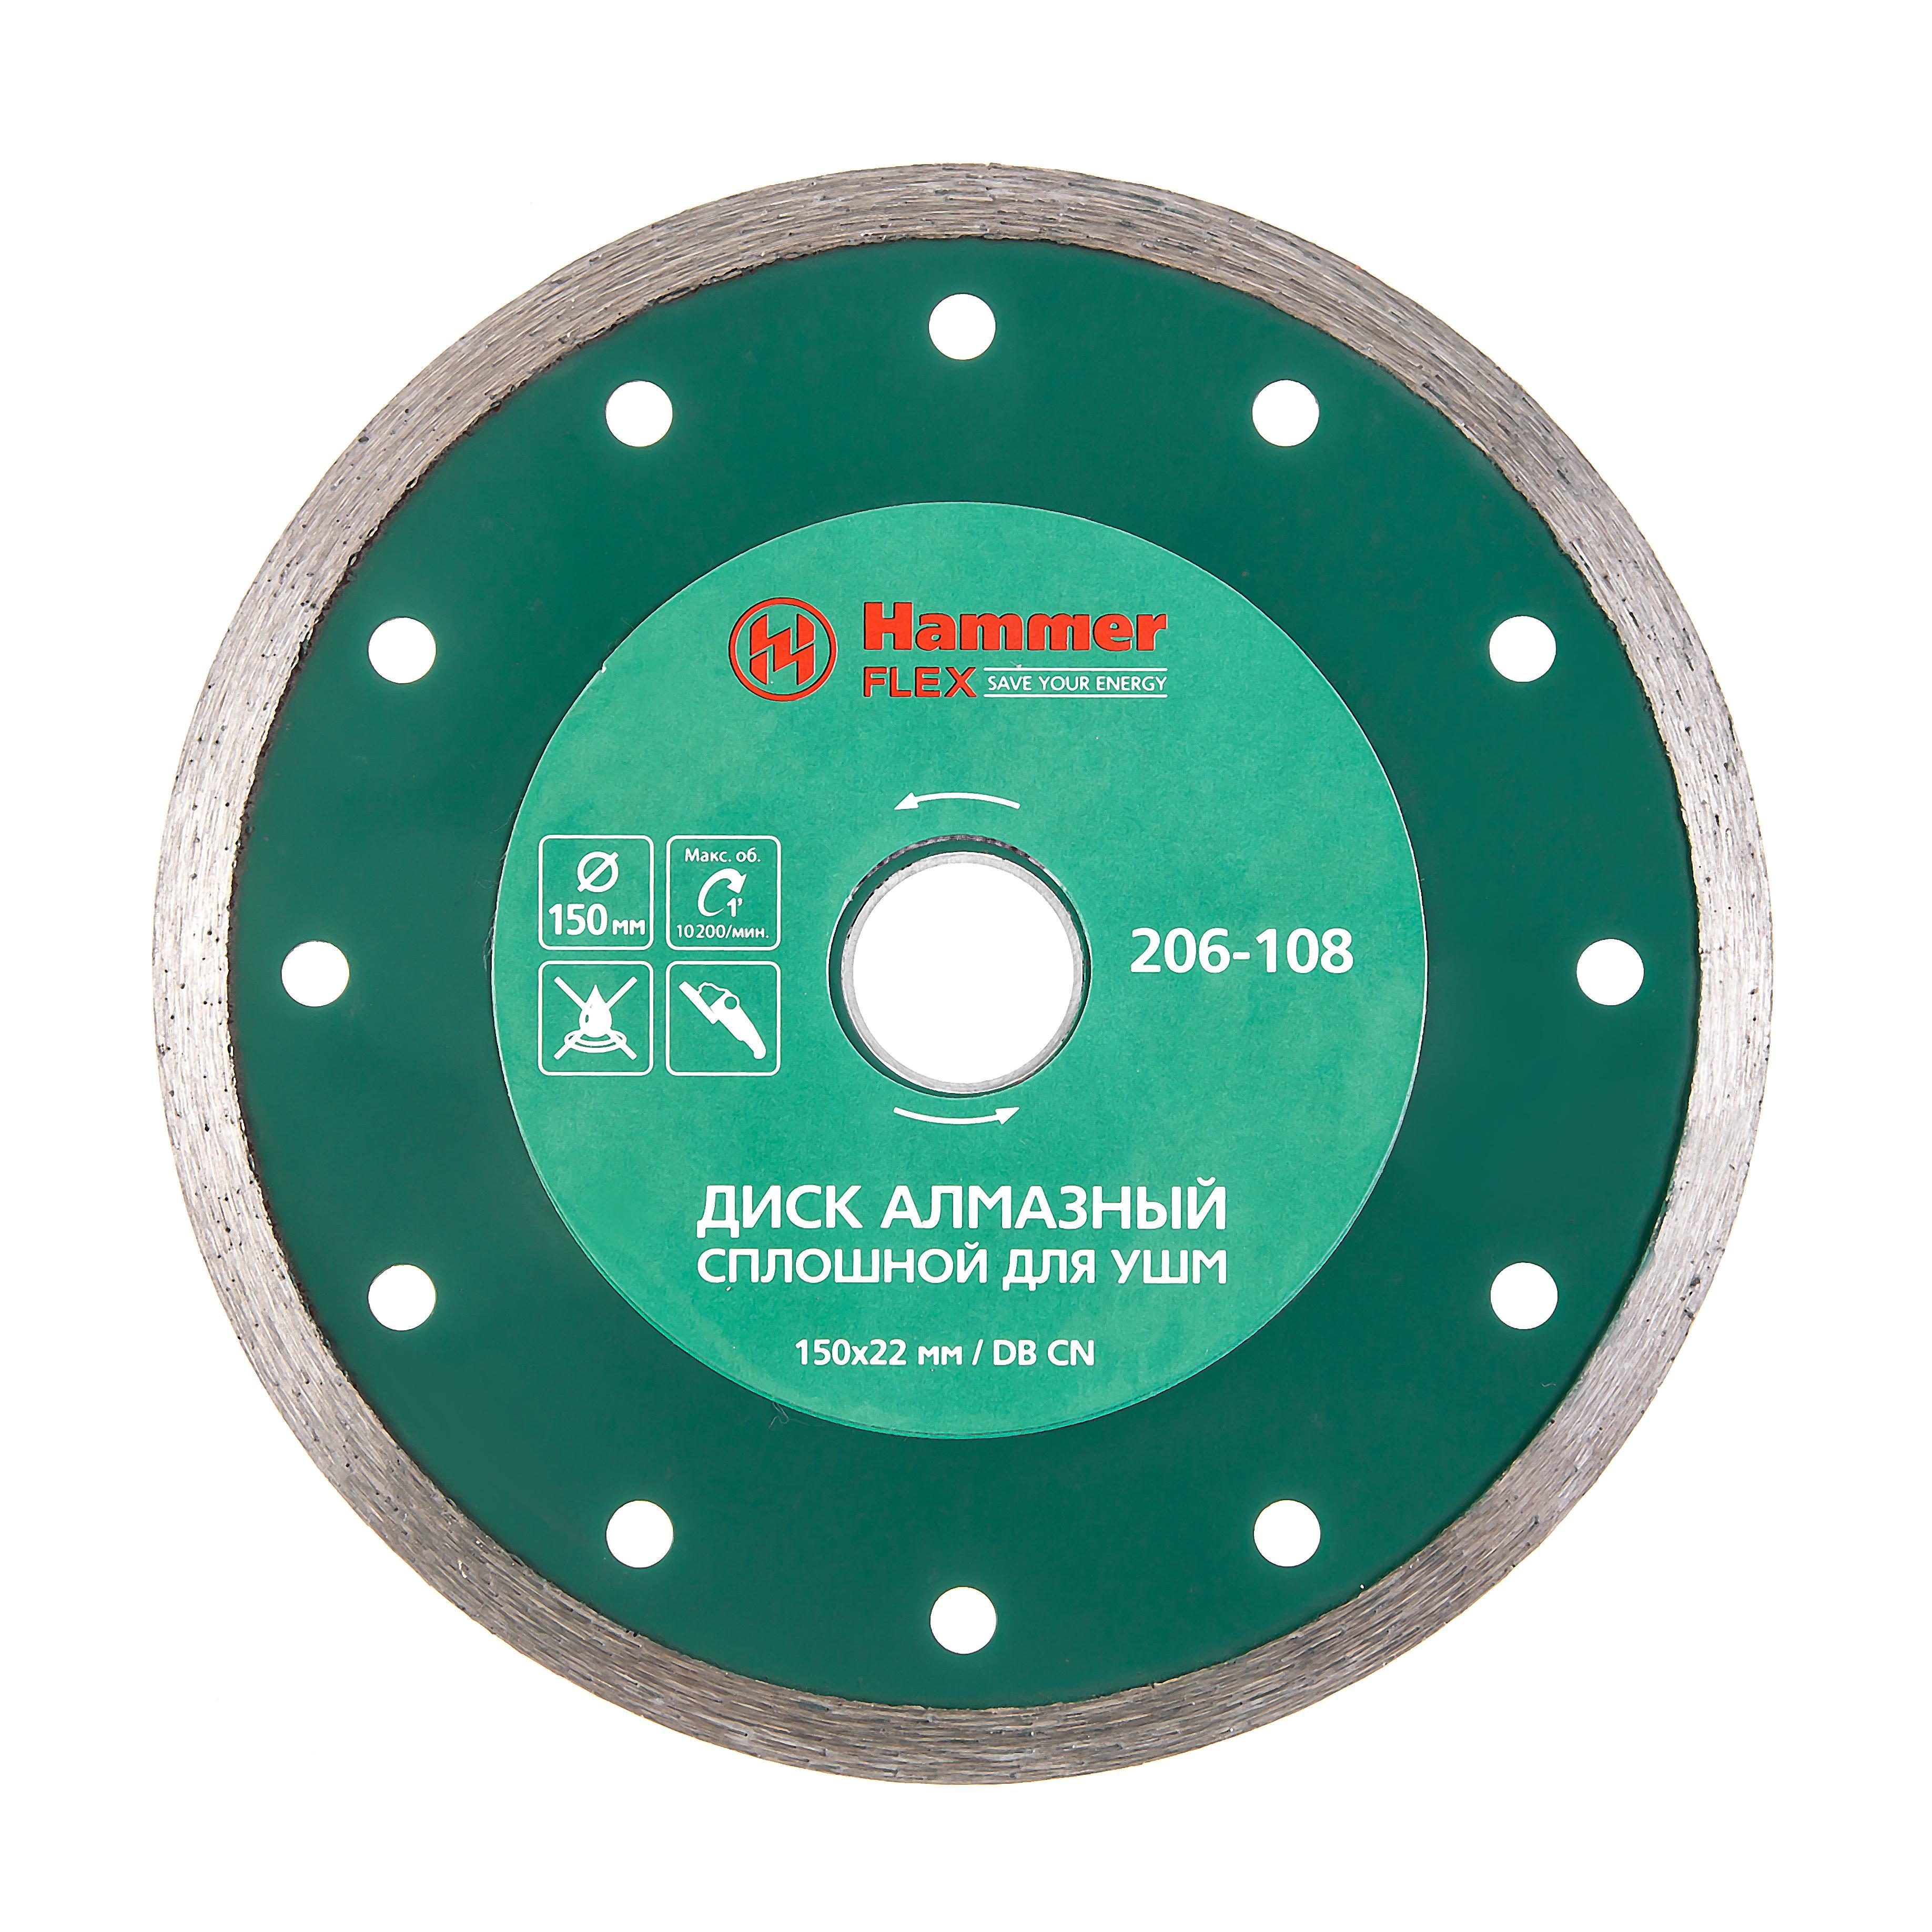 Круг алмазный Hammer 206-108 db cn фрезер hammer flex frz1200b